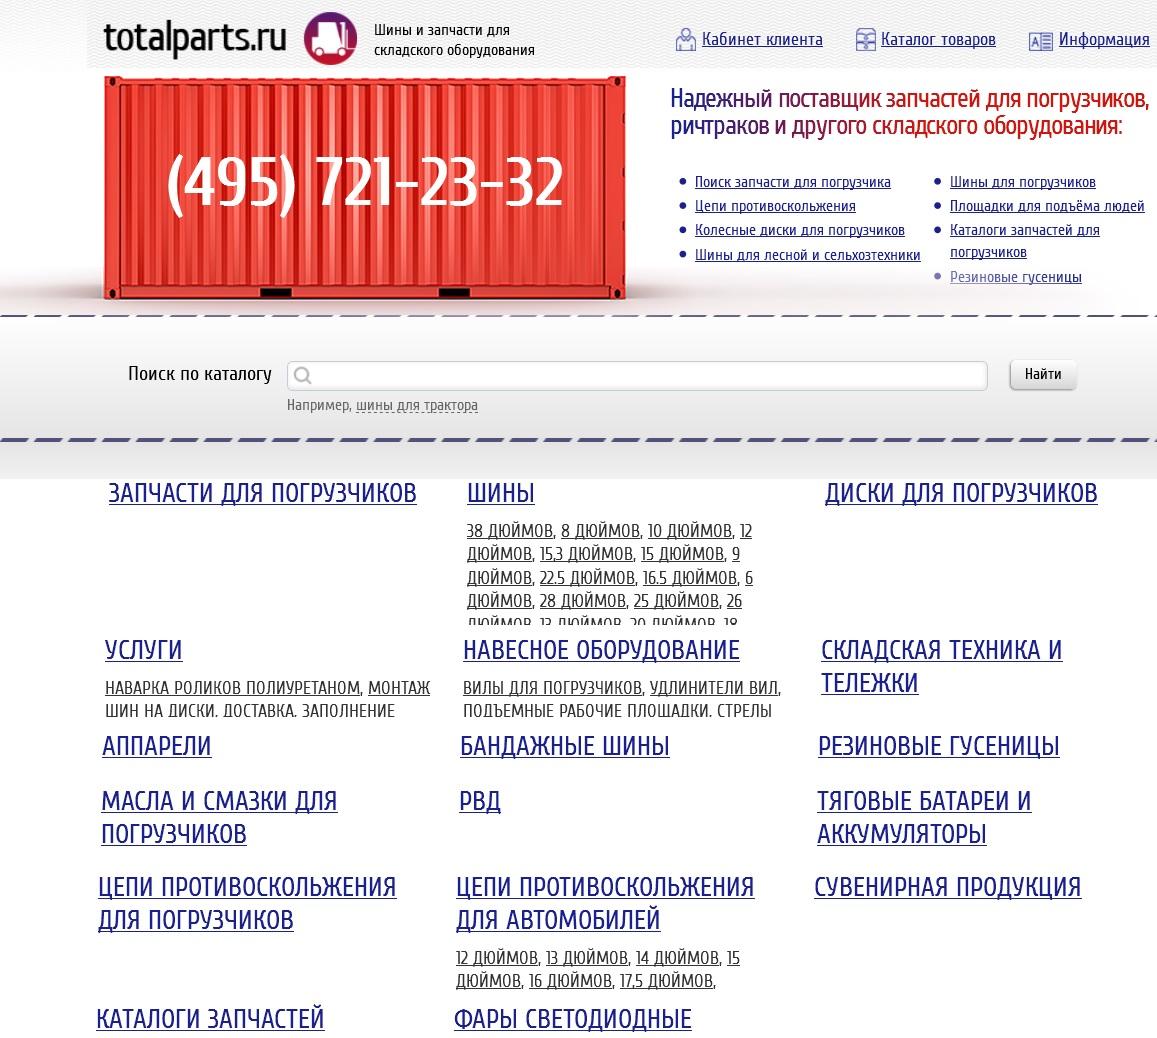 Интернет-магазин запчастей для погрузчиков и складской техники totalparts.ru. Отправка - доставка запчастей для рогрузчиков во все регионы России.